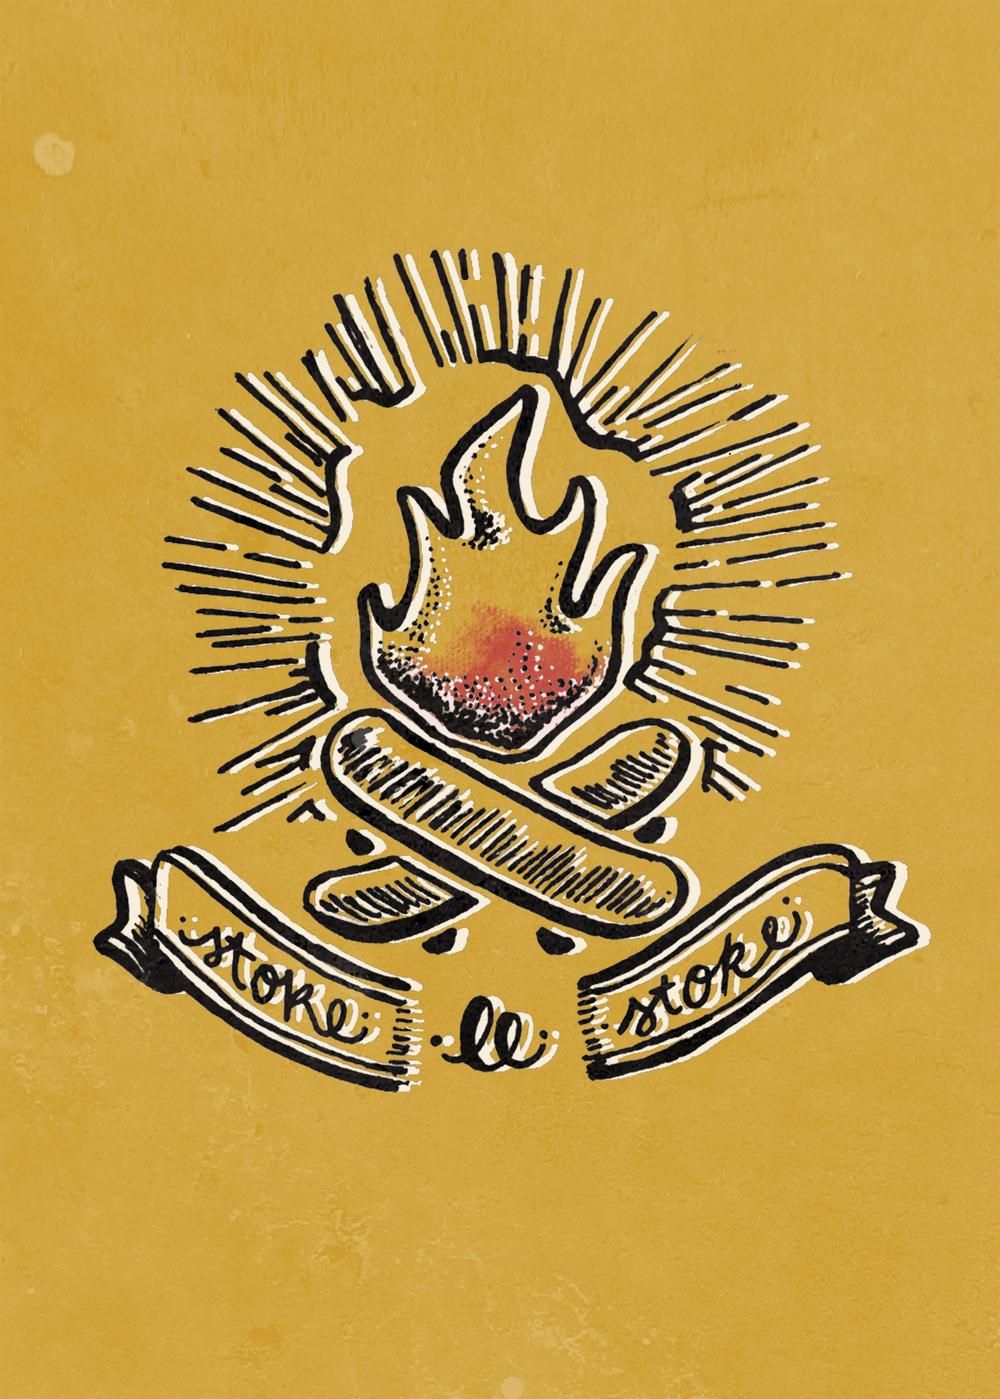 FIRErgbsmall.jpg